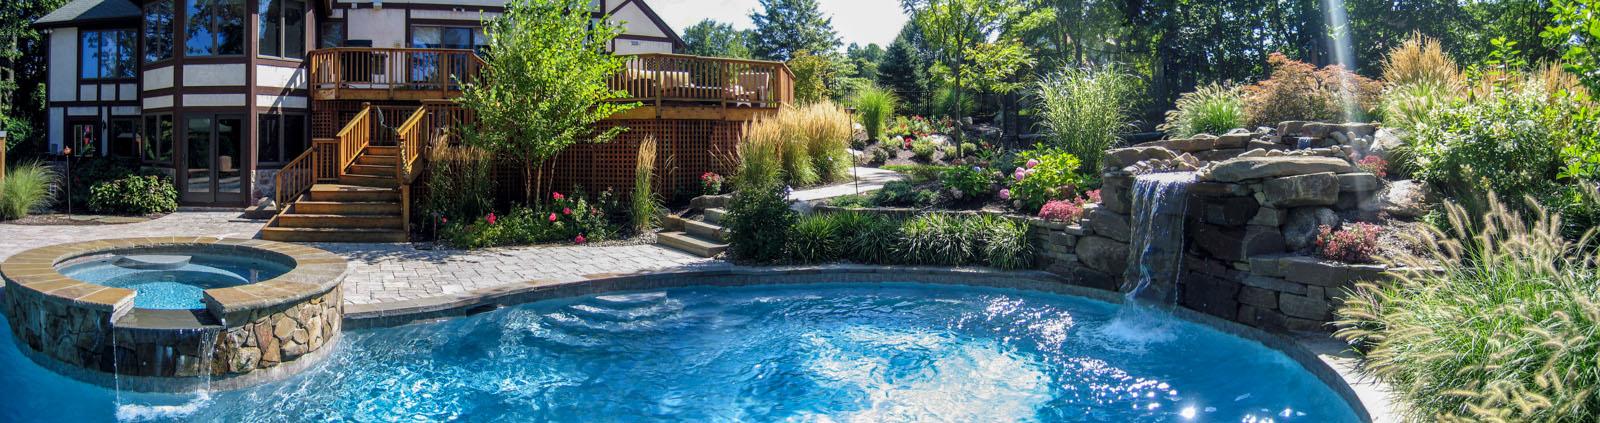 swimming pool with bluestone coping, spa, pool waterfall